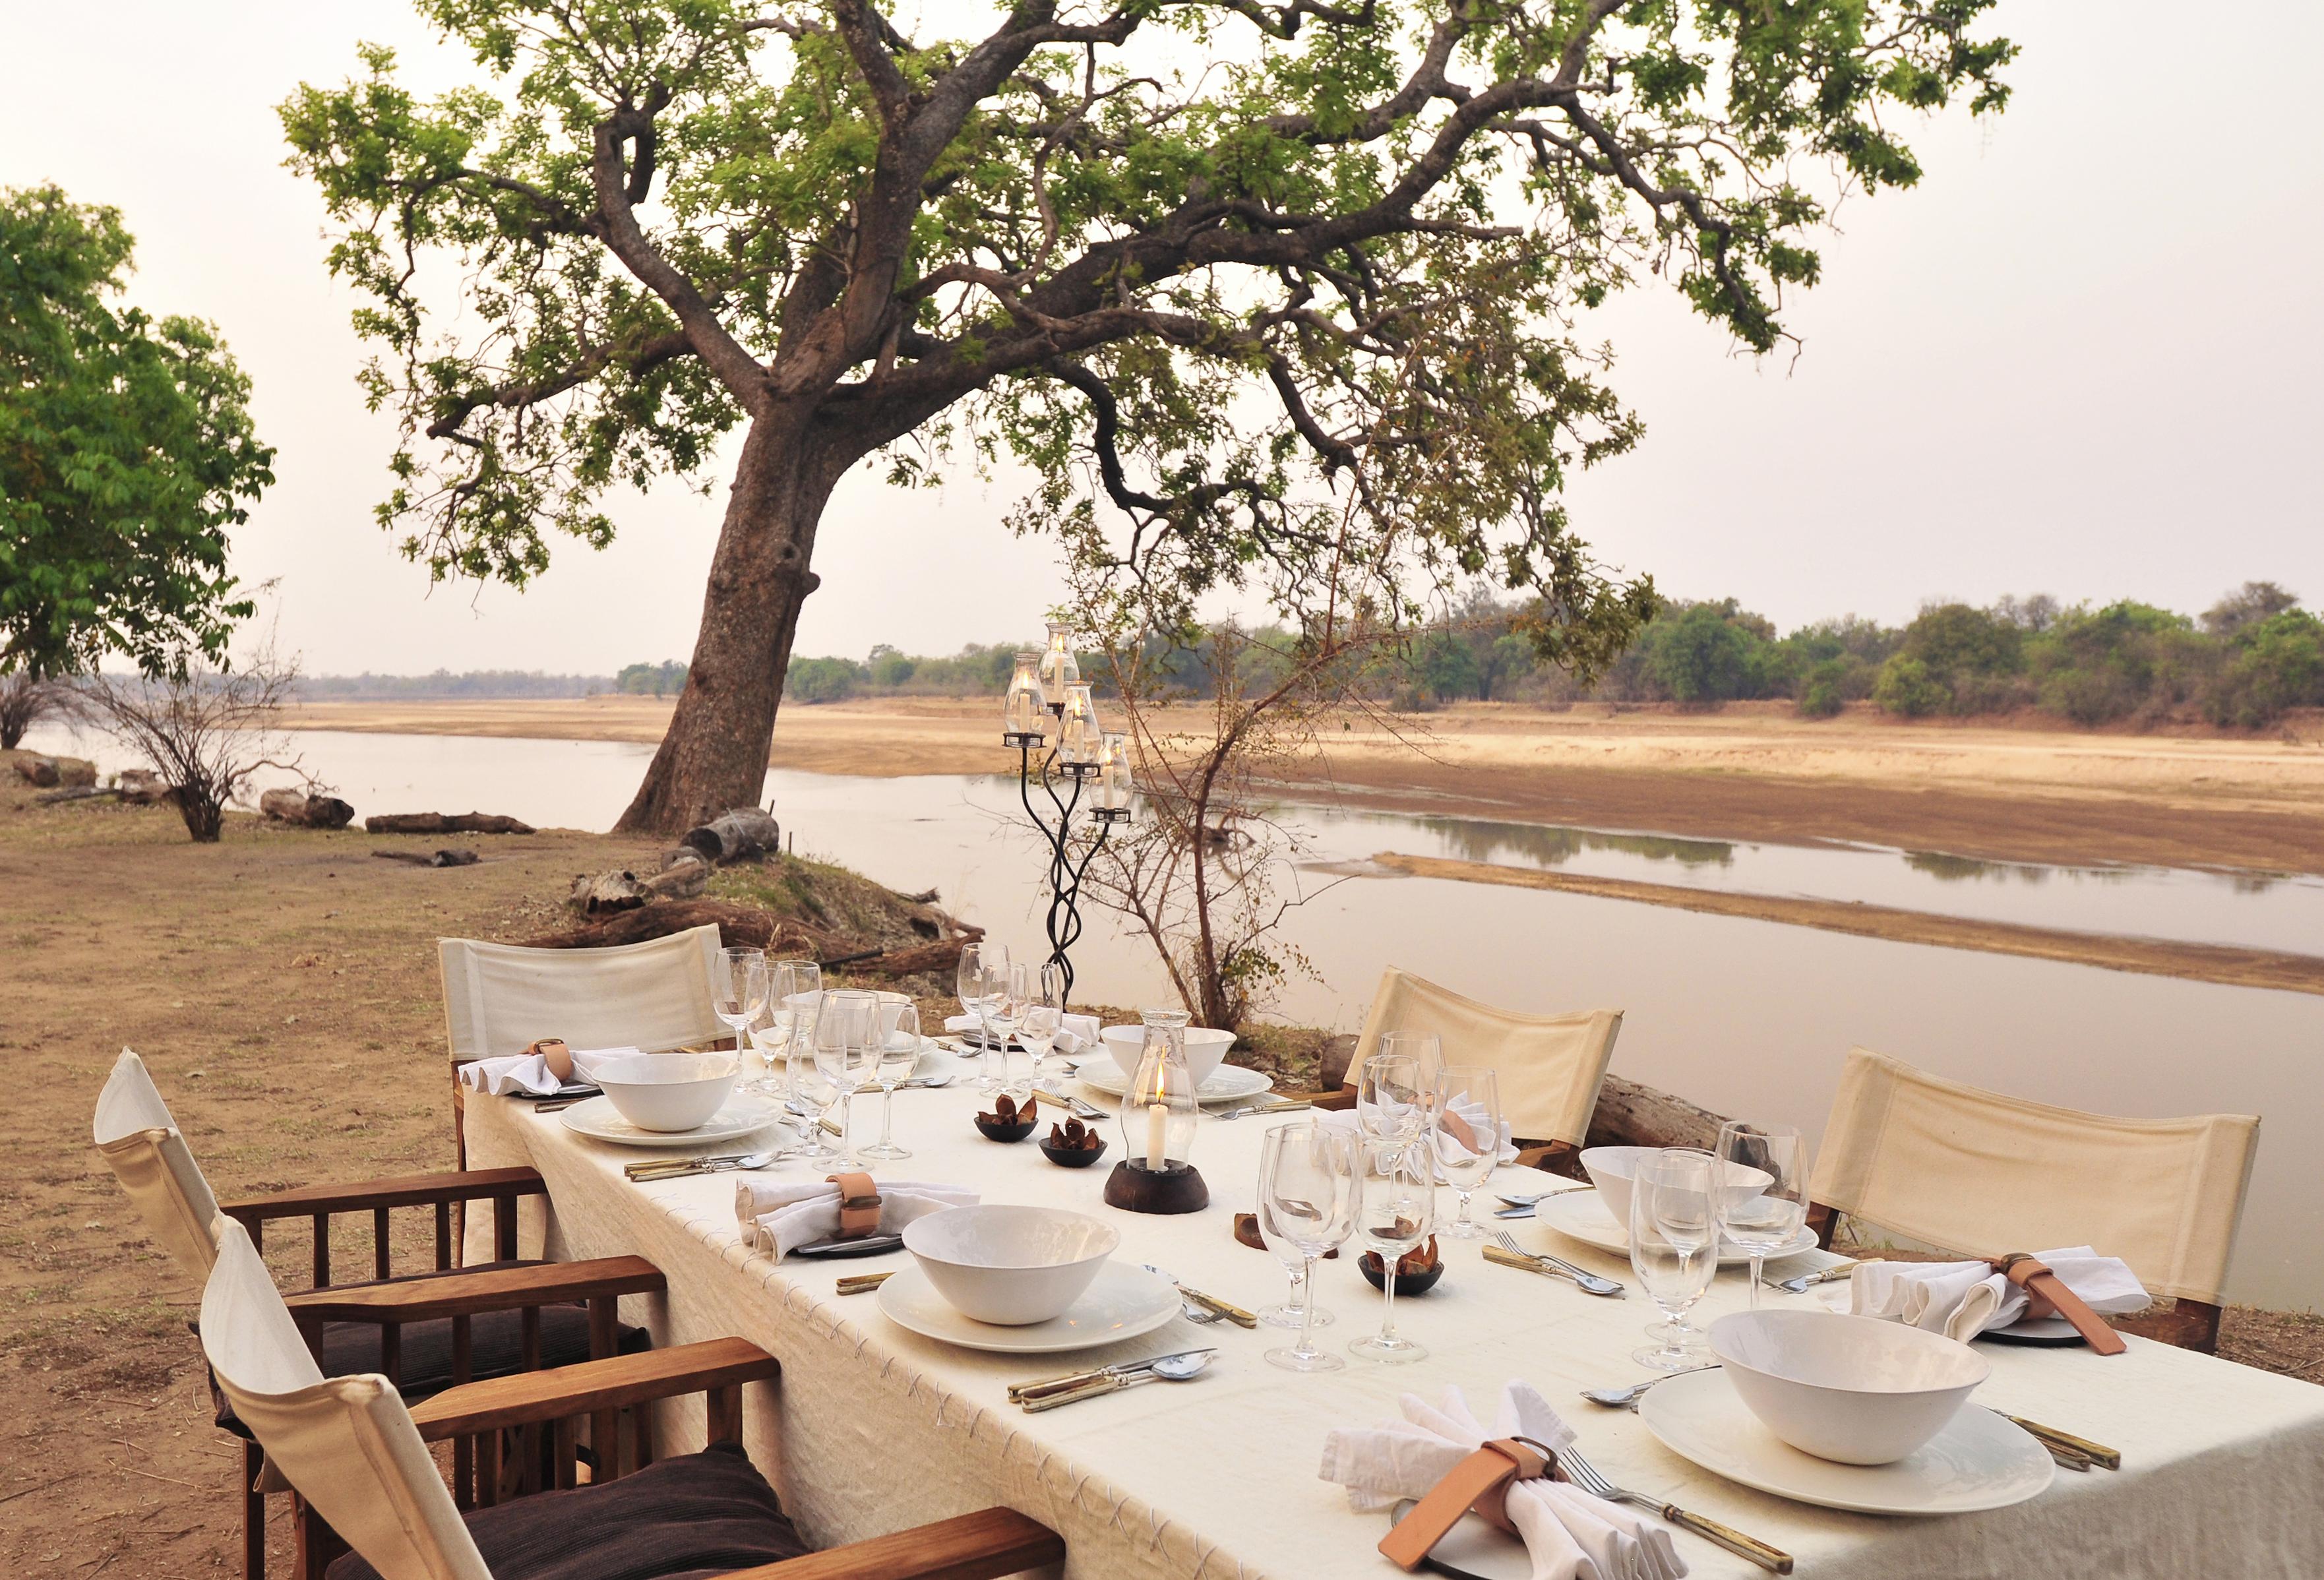 Zambia,-Mchenja-Camp-dining